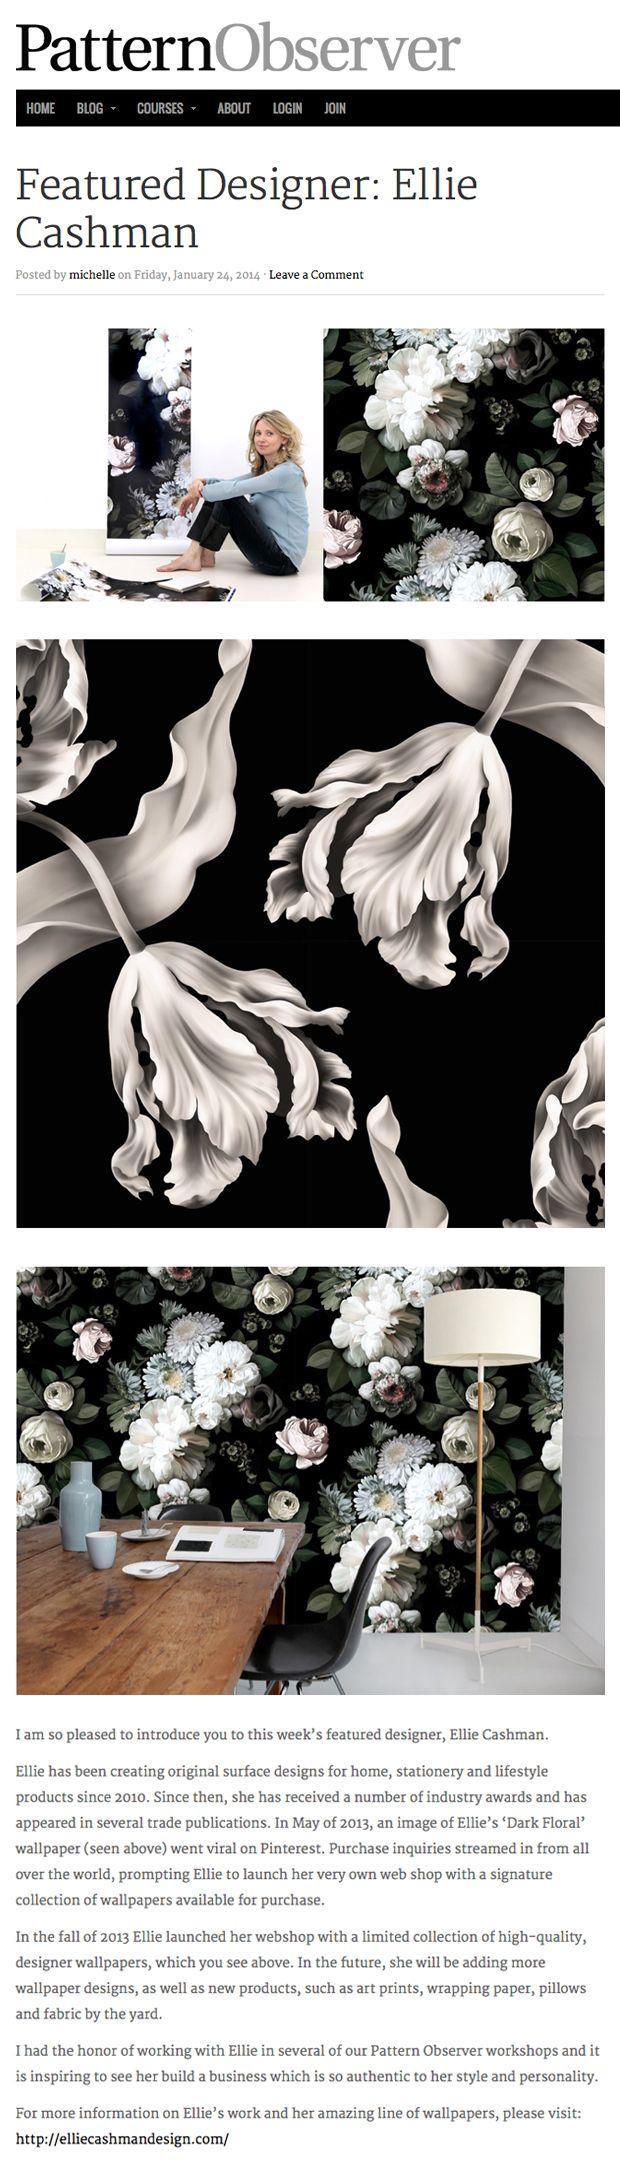 Ellie Cashman Featured Designer at Pattern Observer. http://patternobserver.com/2014/01/24/featured-designer-ellie-cashman/